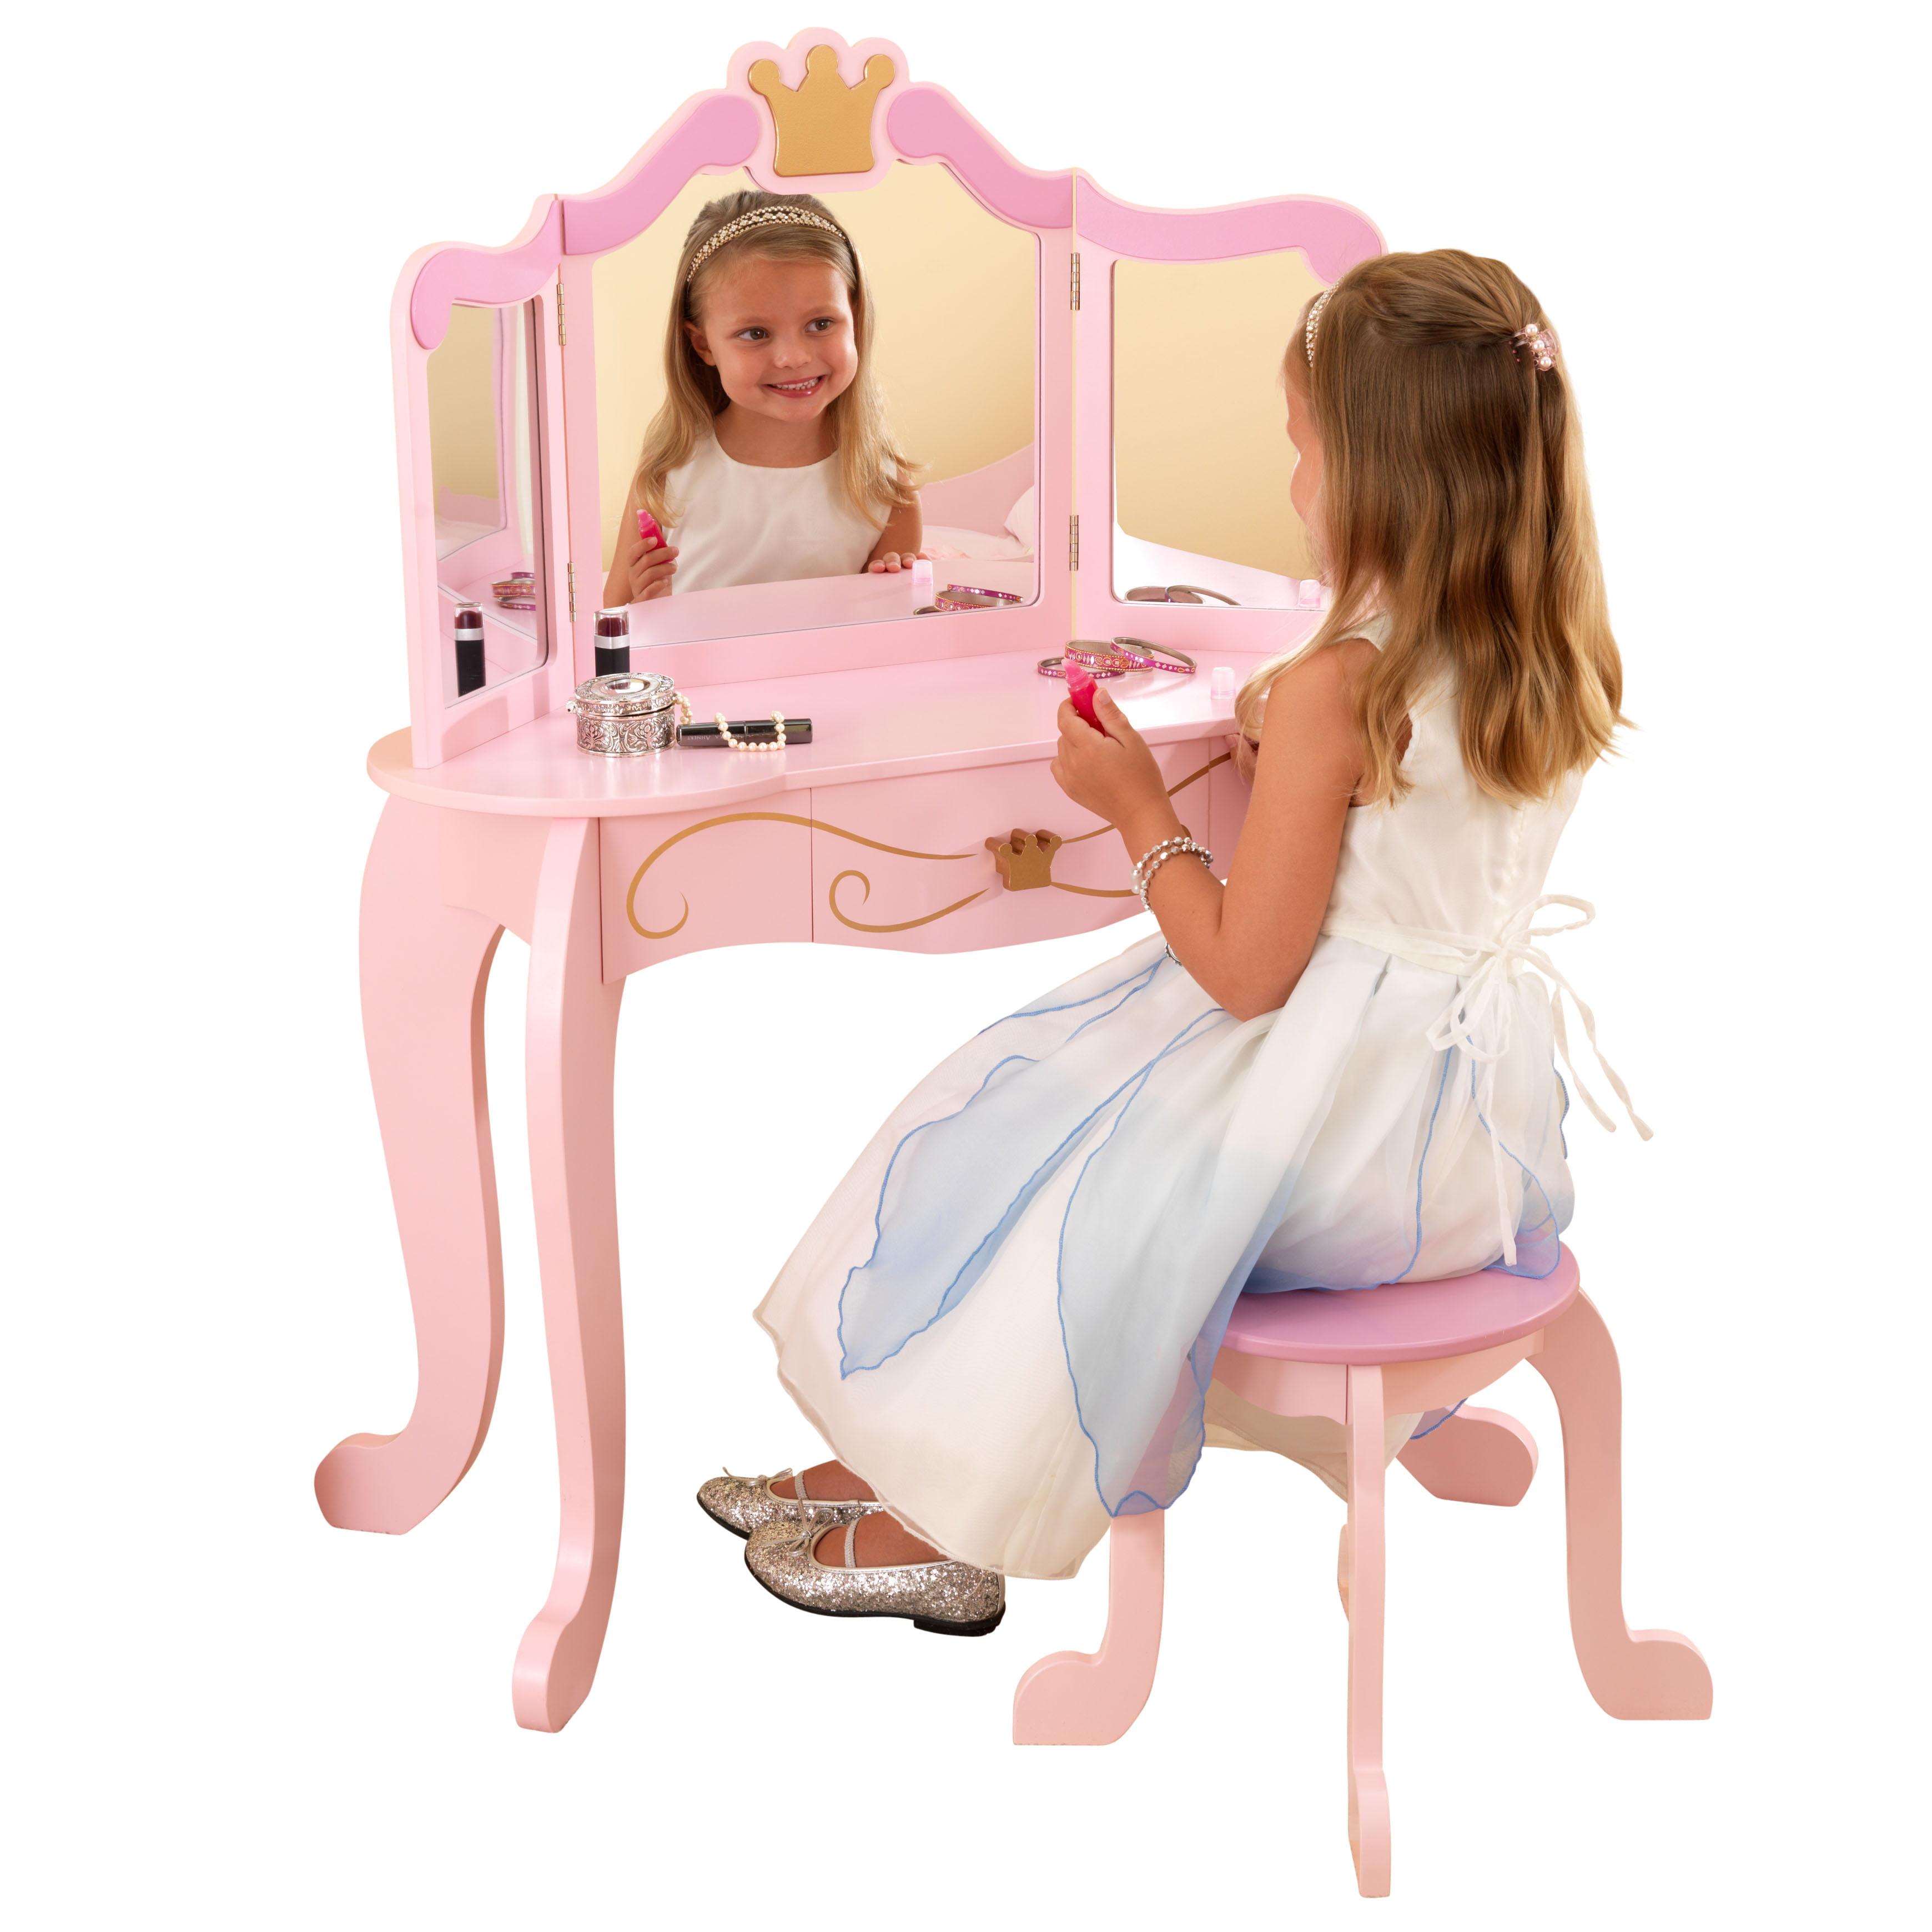 Kidkraft Wooden Princess Vanity Stool Set With Mirror Children S